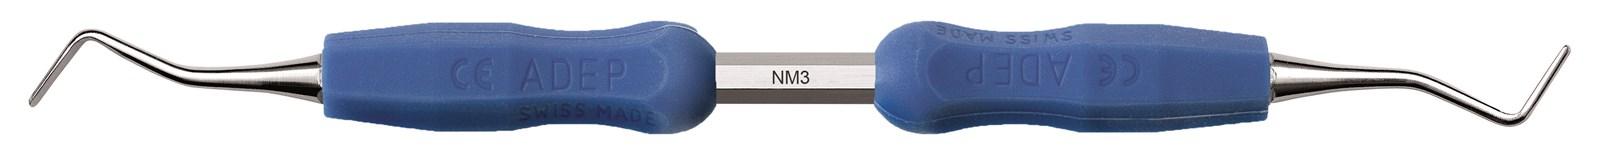 Lžičkové dlátko - NM3, ADEP fialový